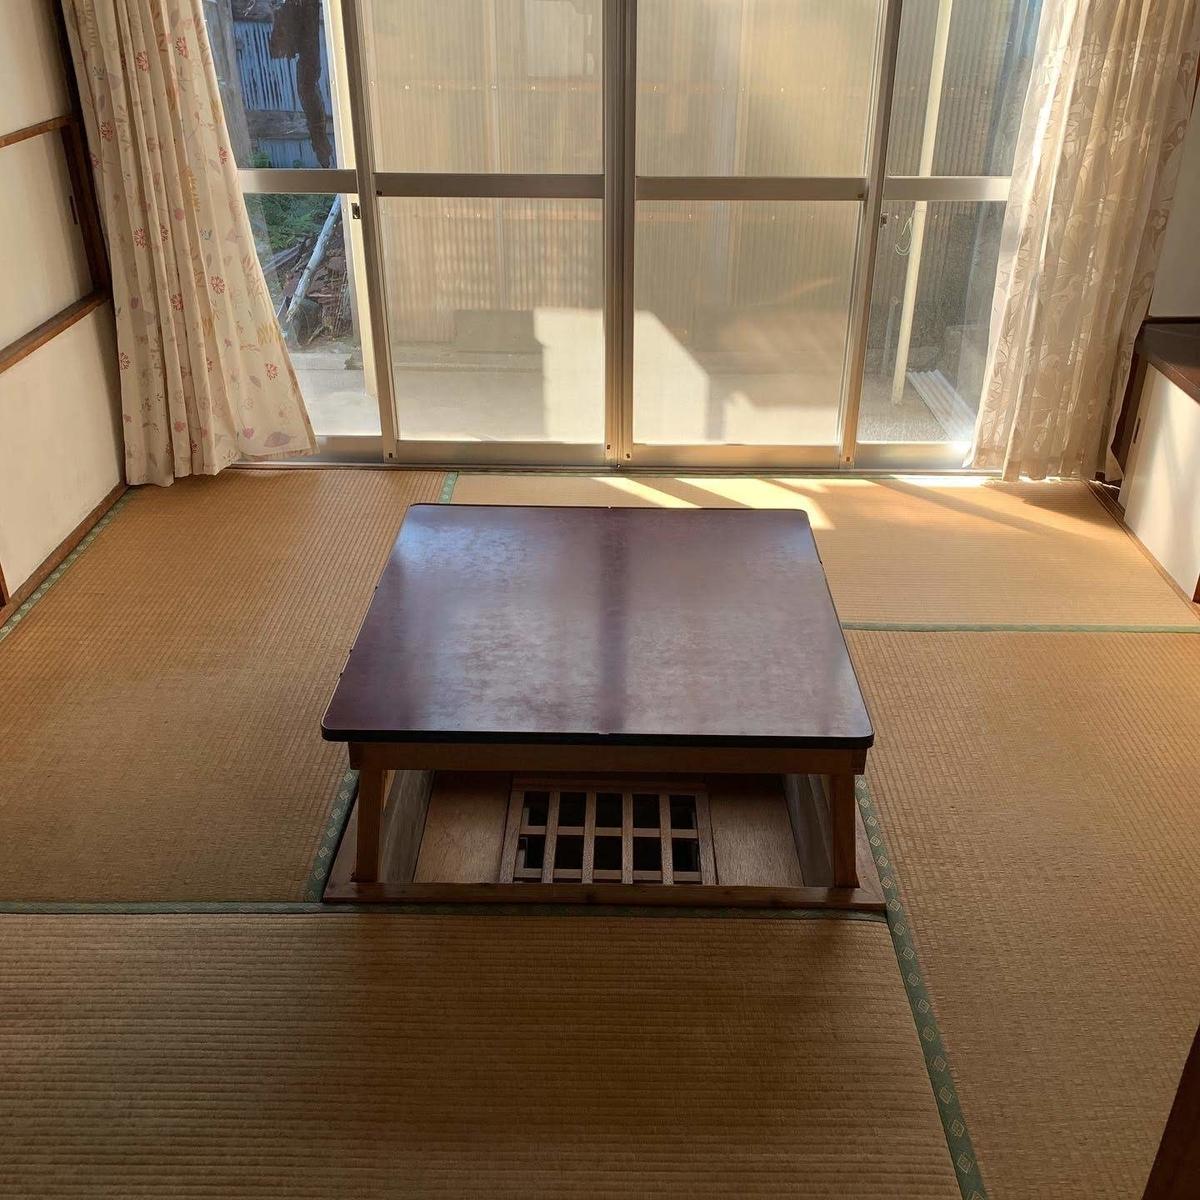 f:id:umisuki-ikka:20191207130511j:plain